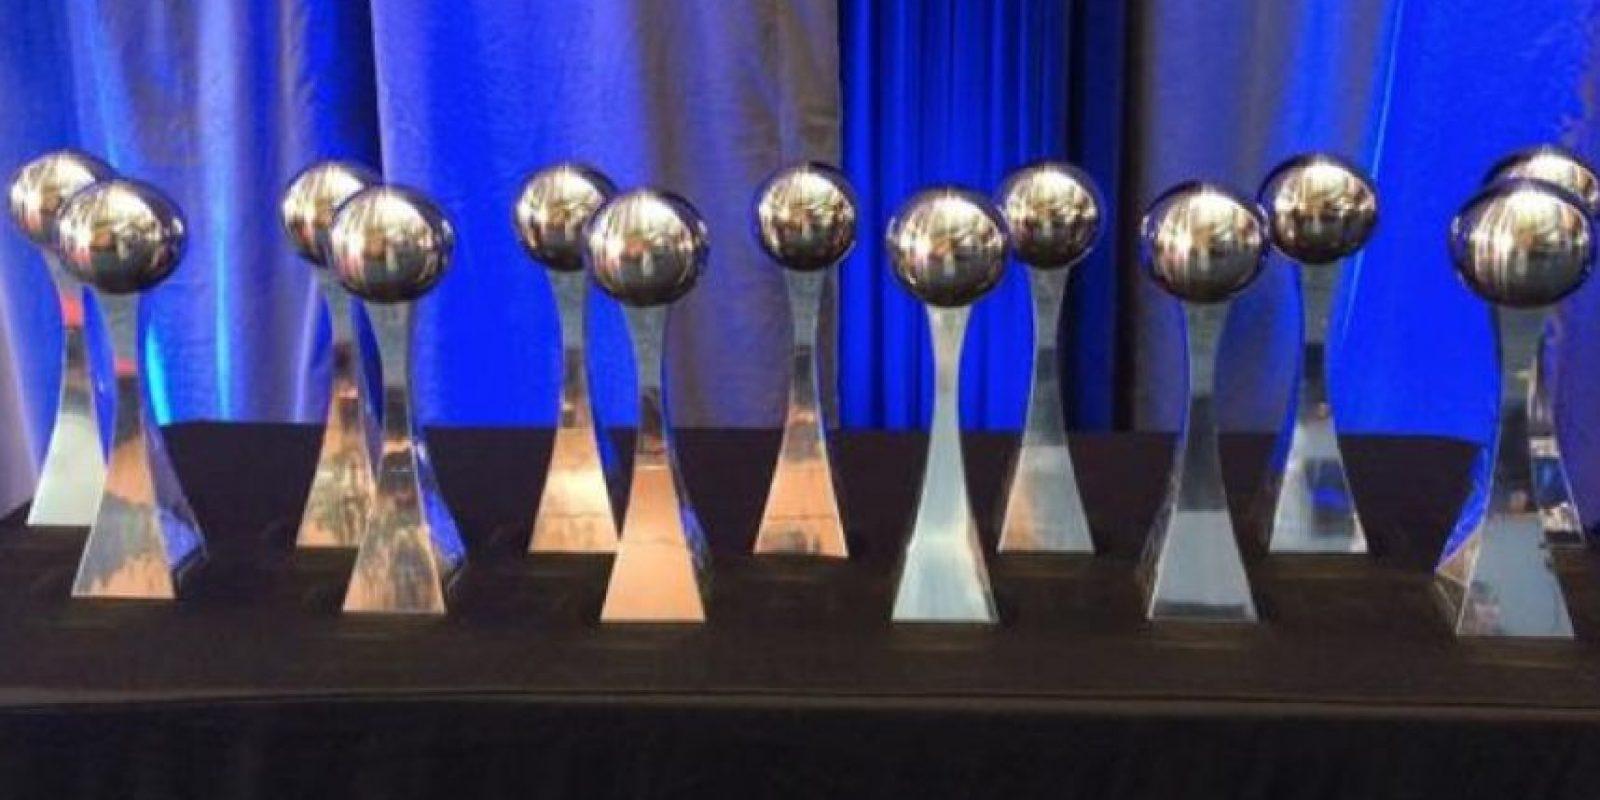 ESPY 2014 al mejor deportista internacional. Foto:twitter.com/ESPYS